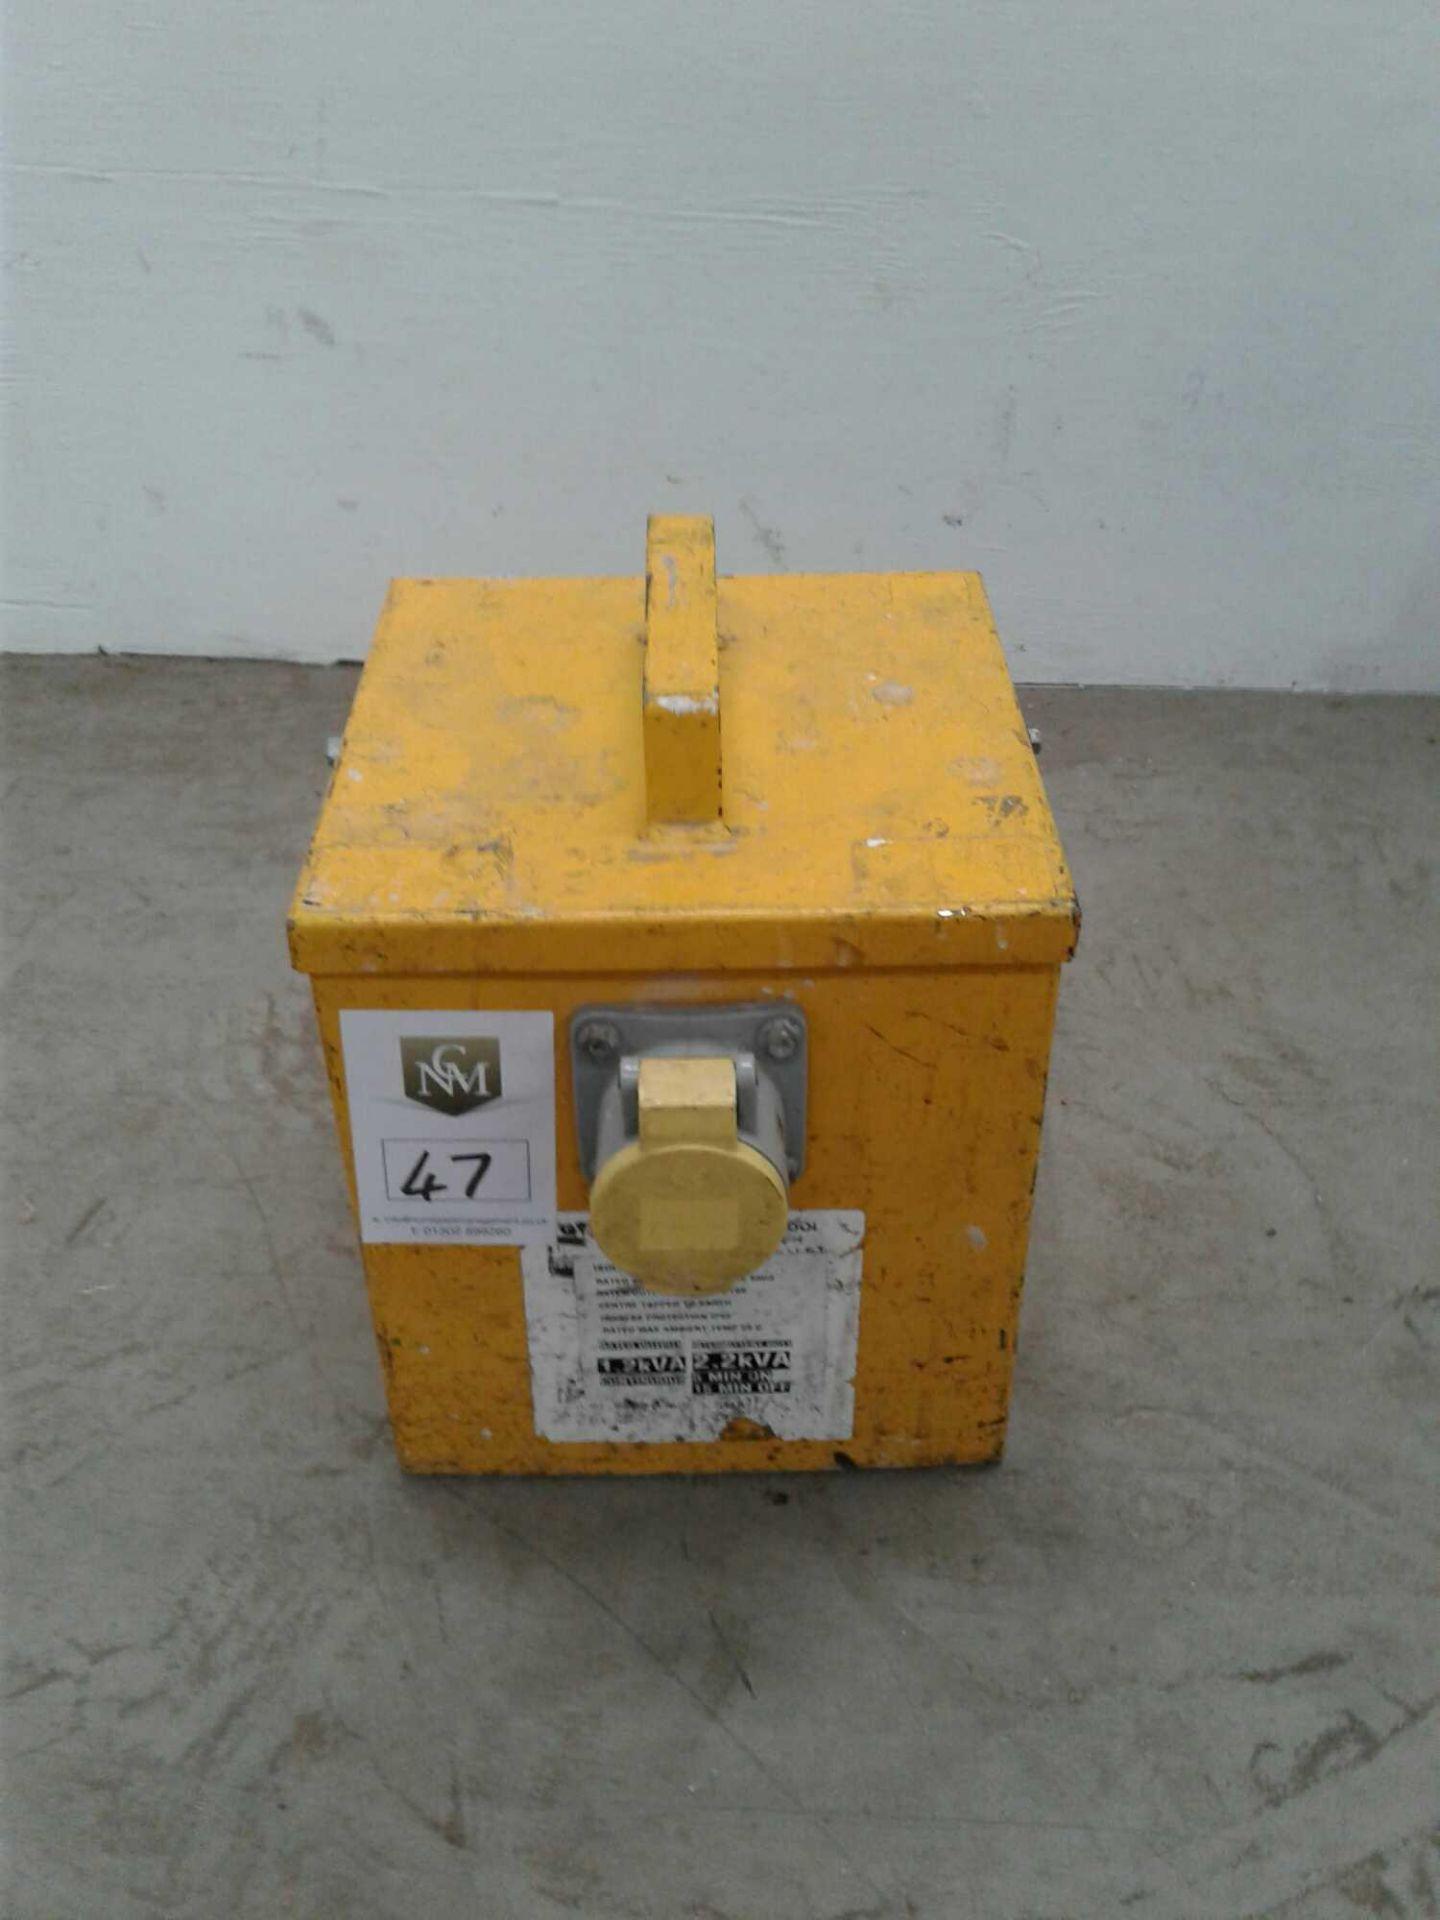 Lot 47 - 2.2 kVA transformer